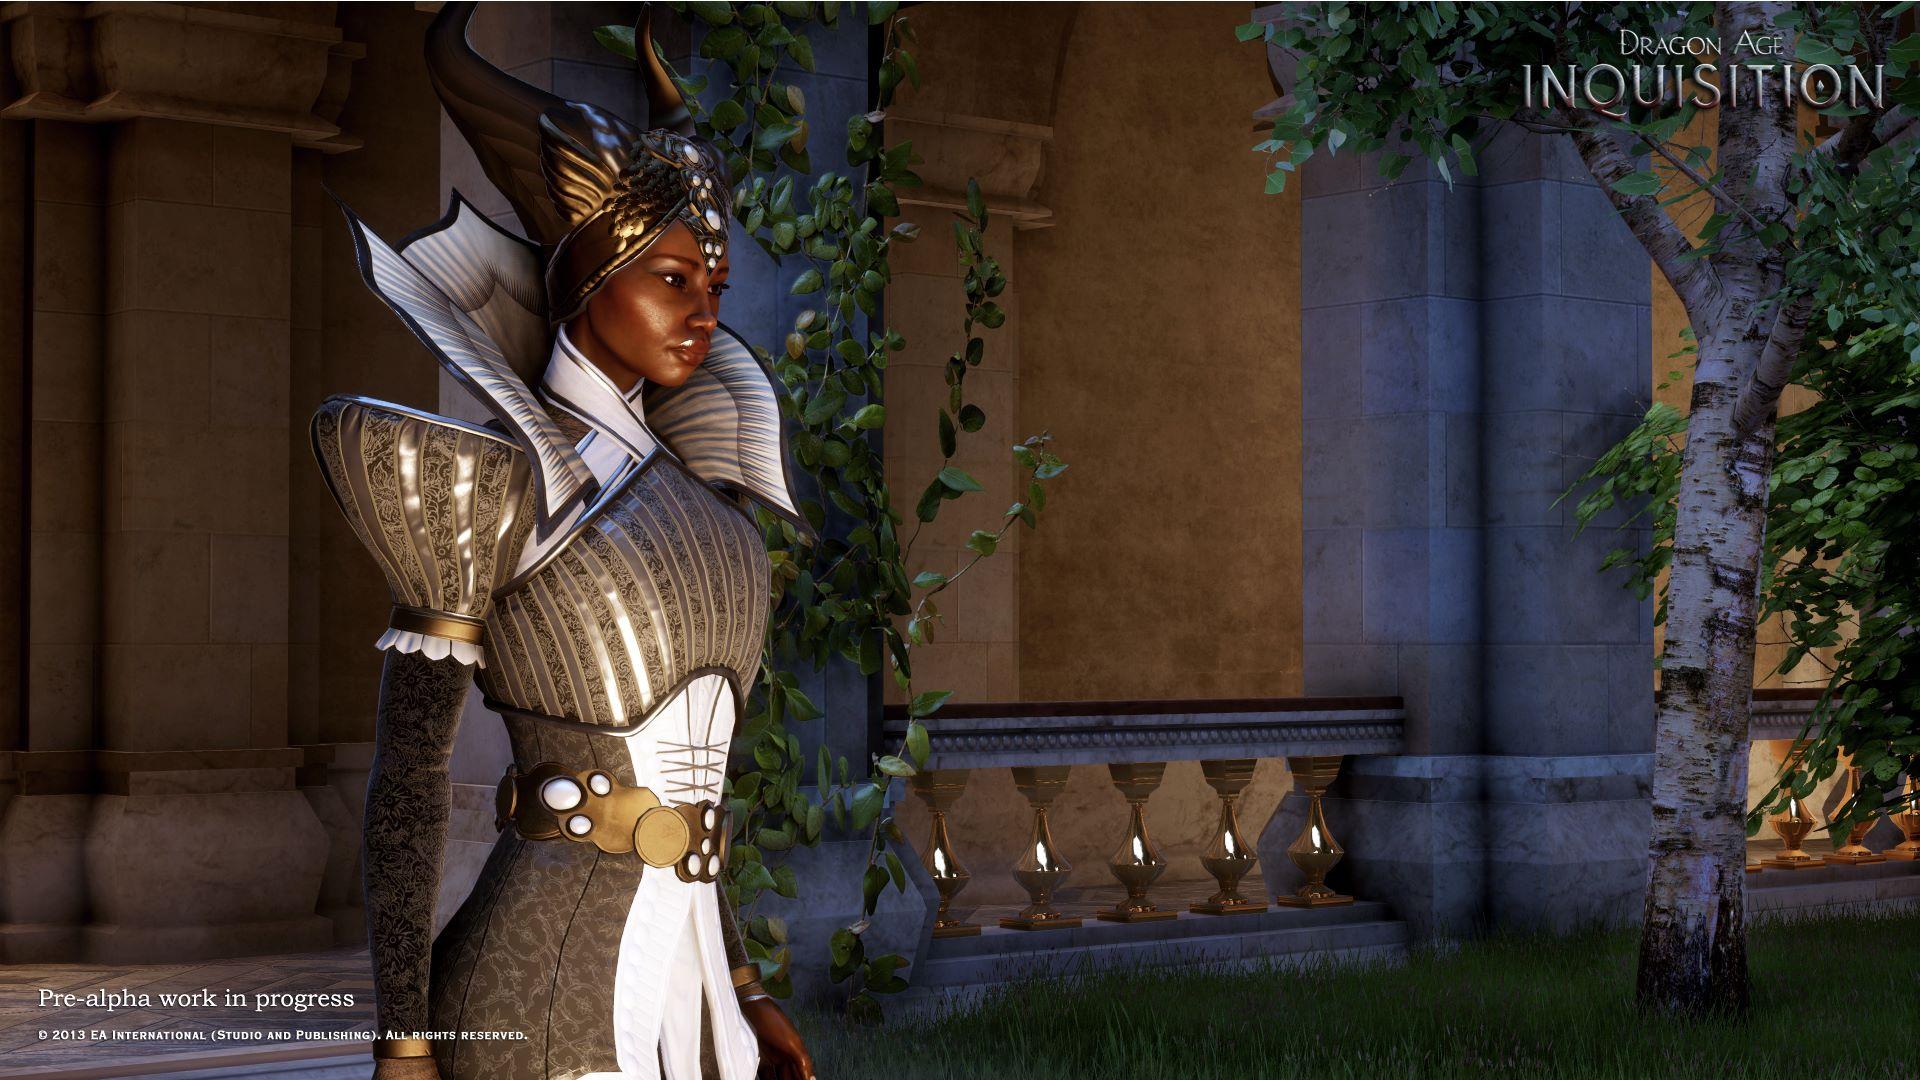 Vivienne, официальный волшебник императорского двора, и последователь в Dragon Age: Inquisition. - Изображение 1